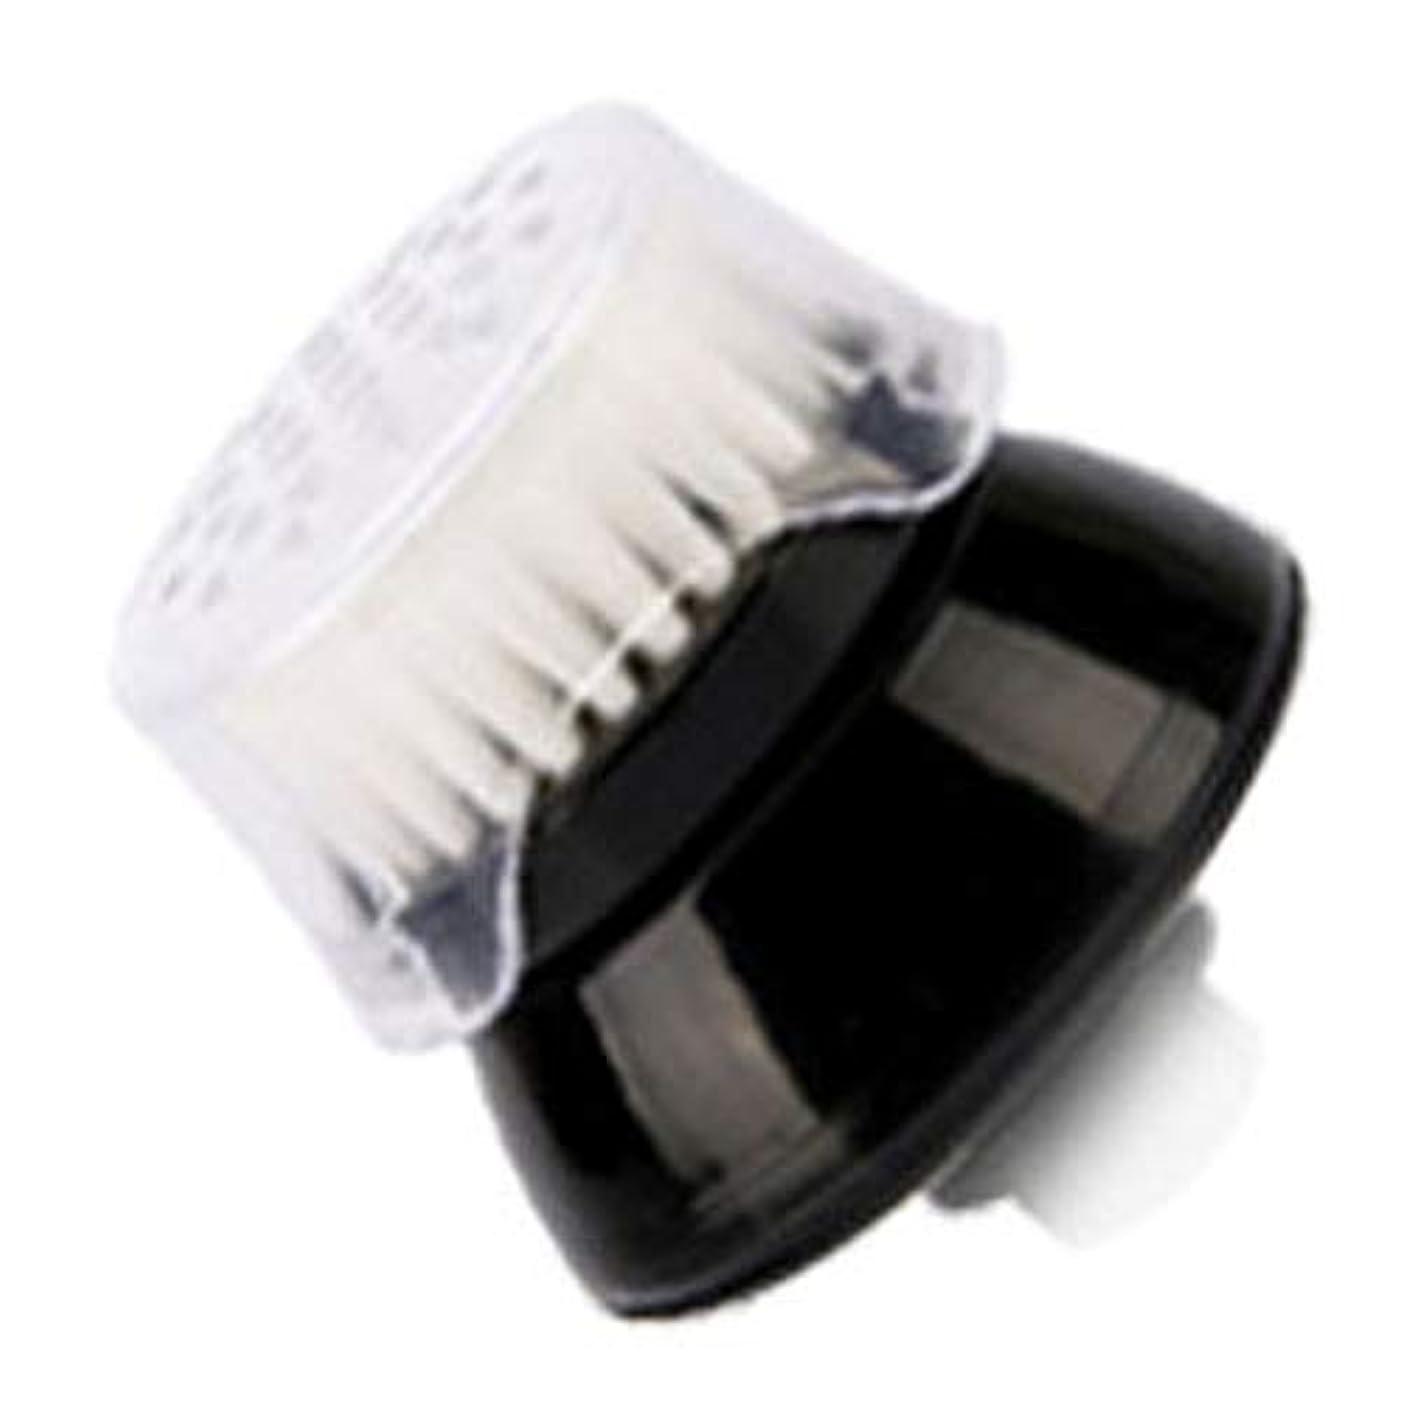 同意するピューリードひげそり 電動 メンズシェーバー CenBlueストア スペア刃頭 洗顔ブラシ